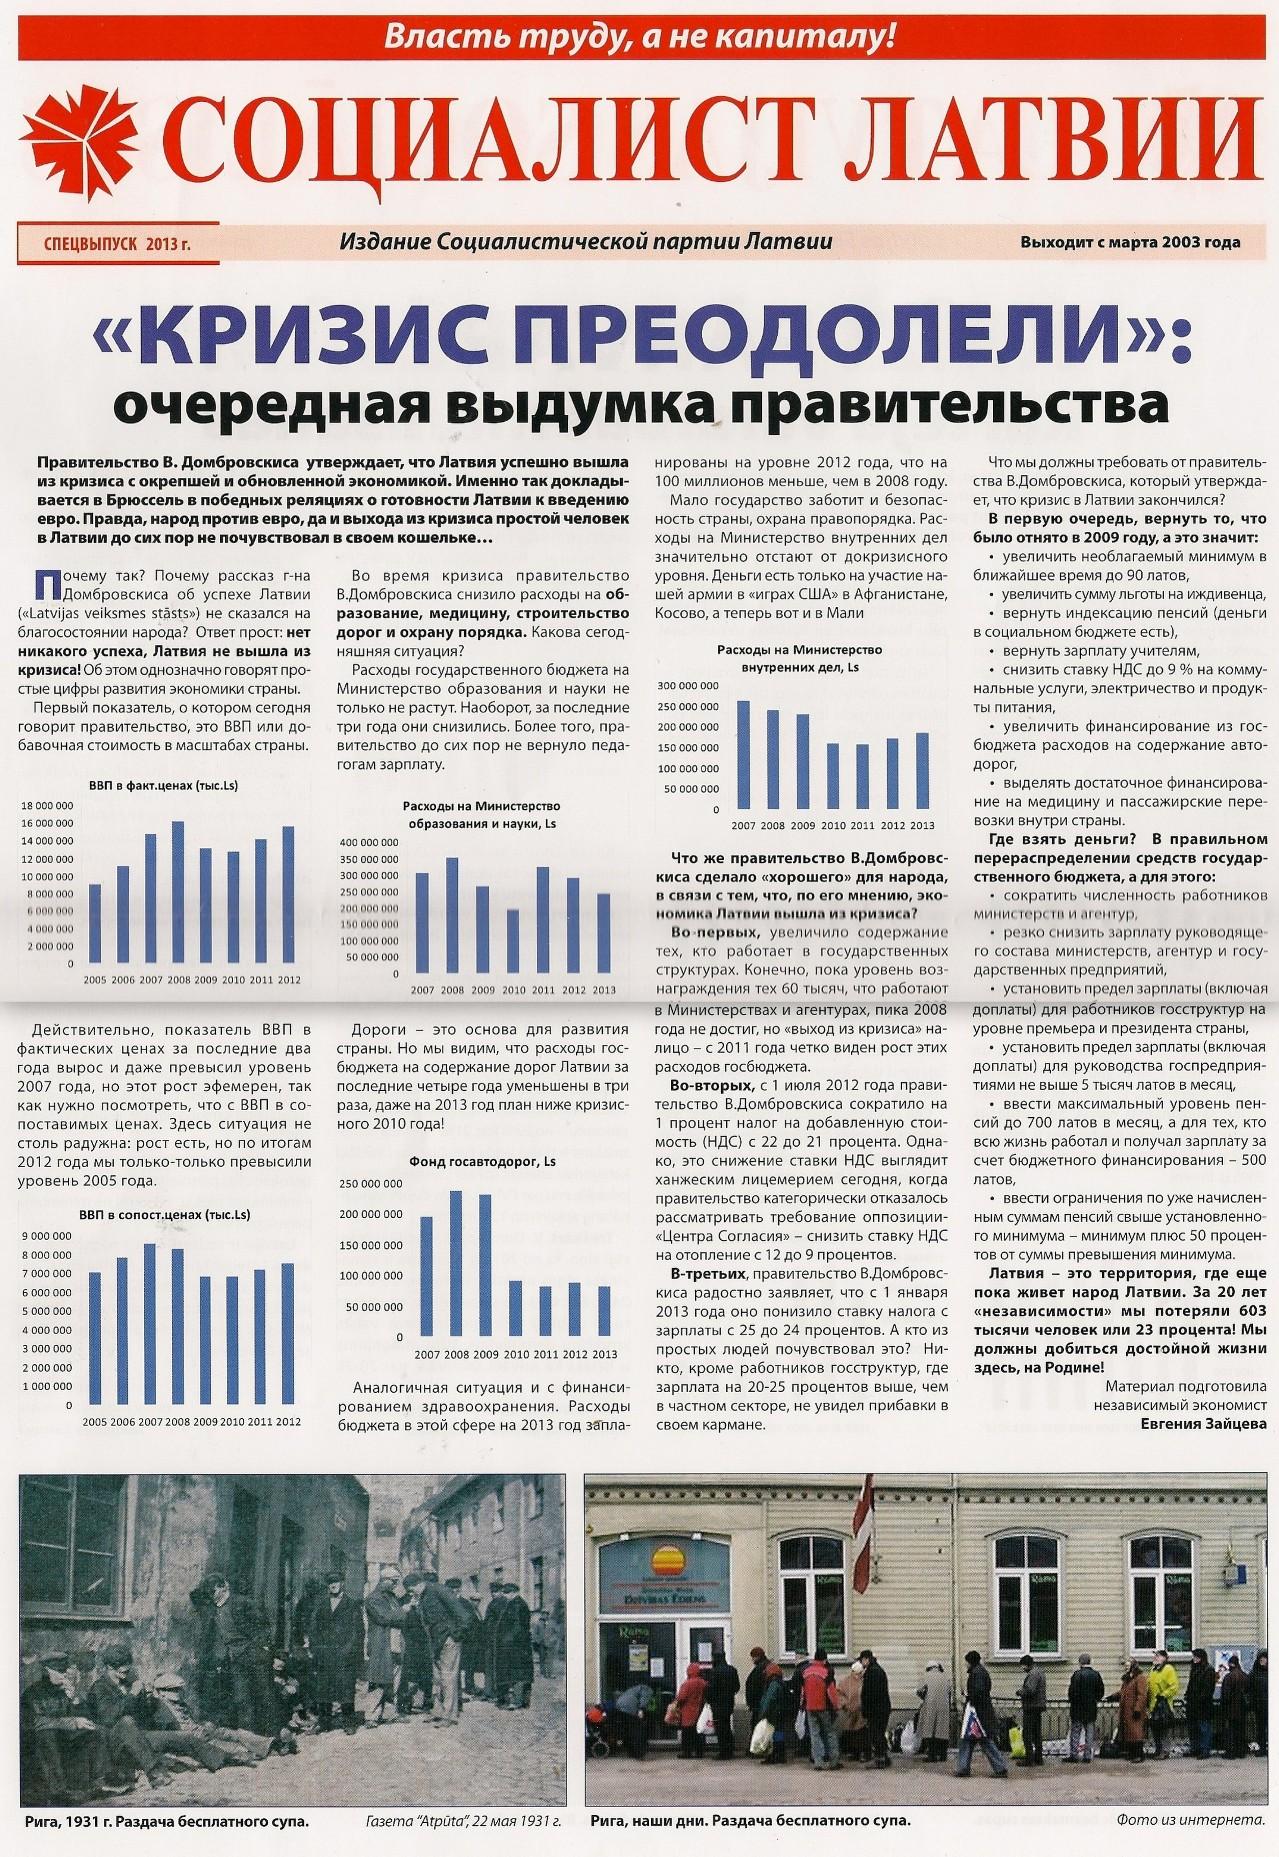 2013-05 (May) = 50%